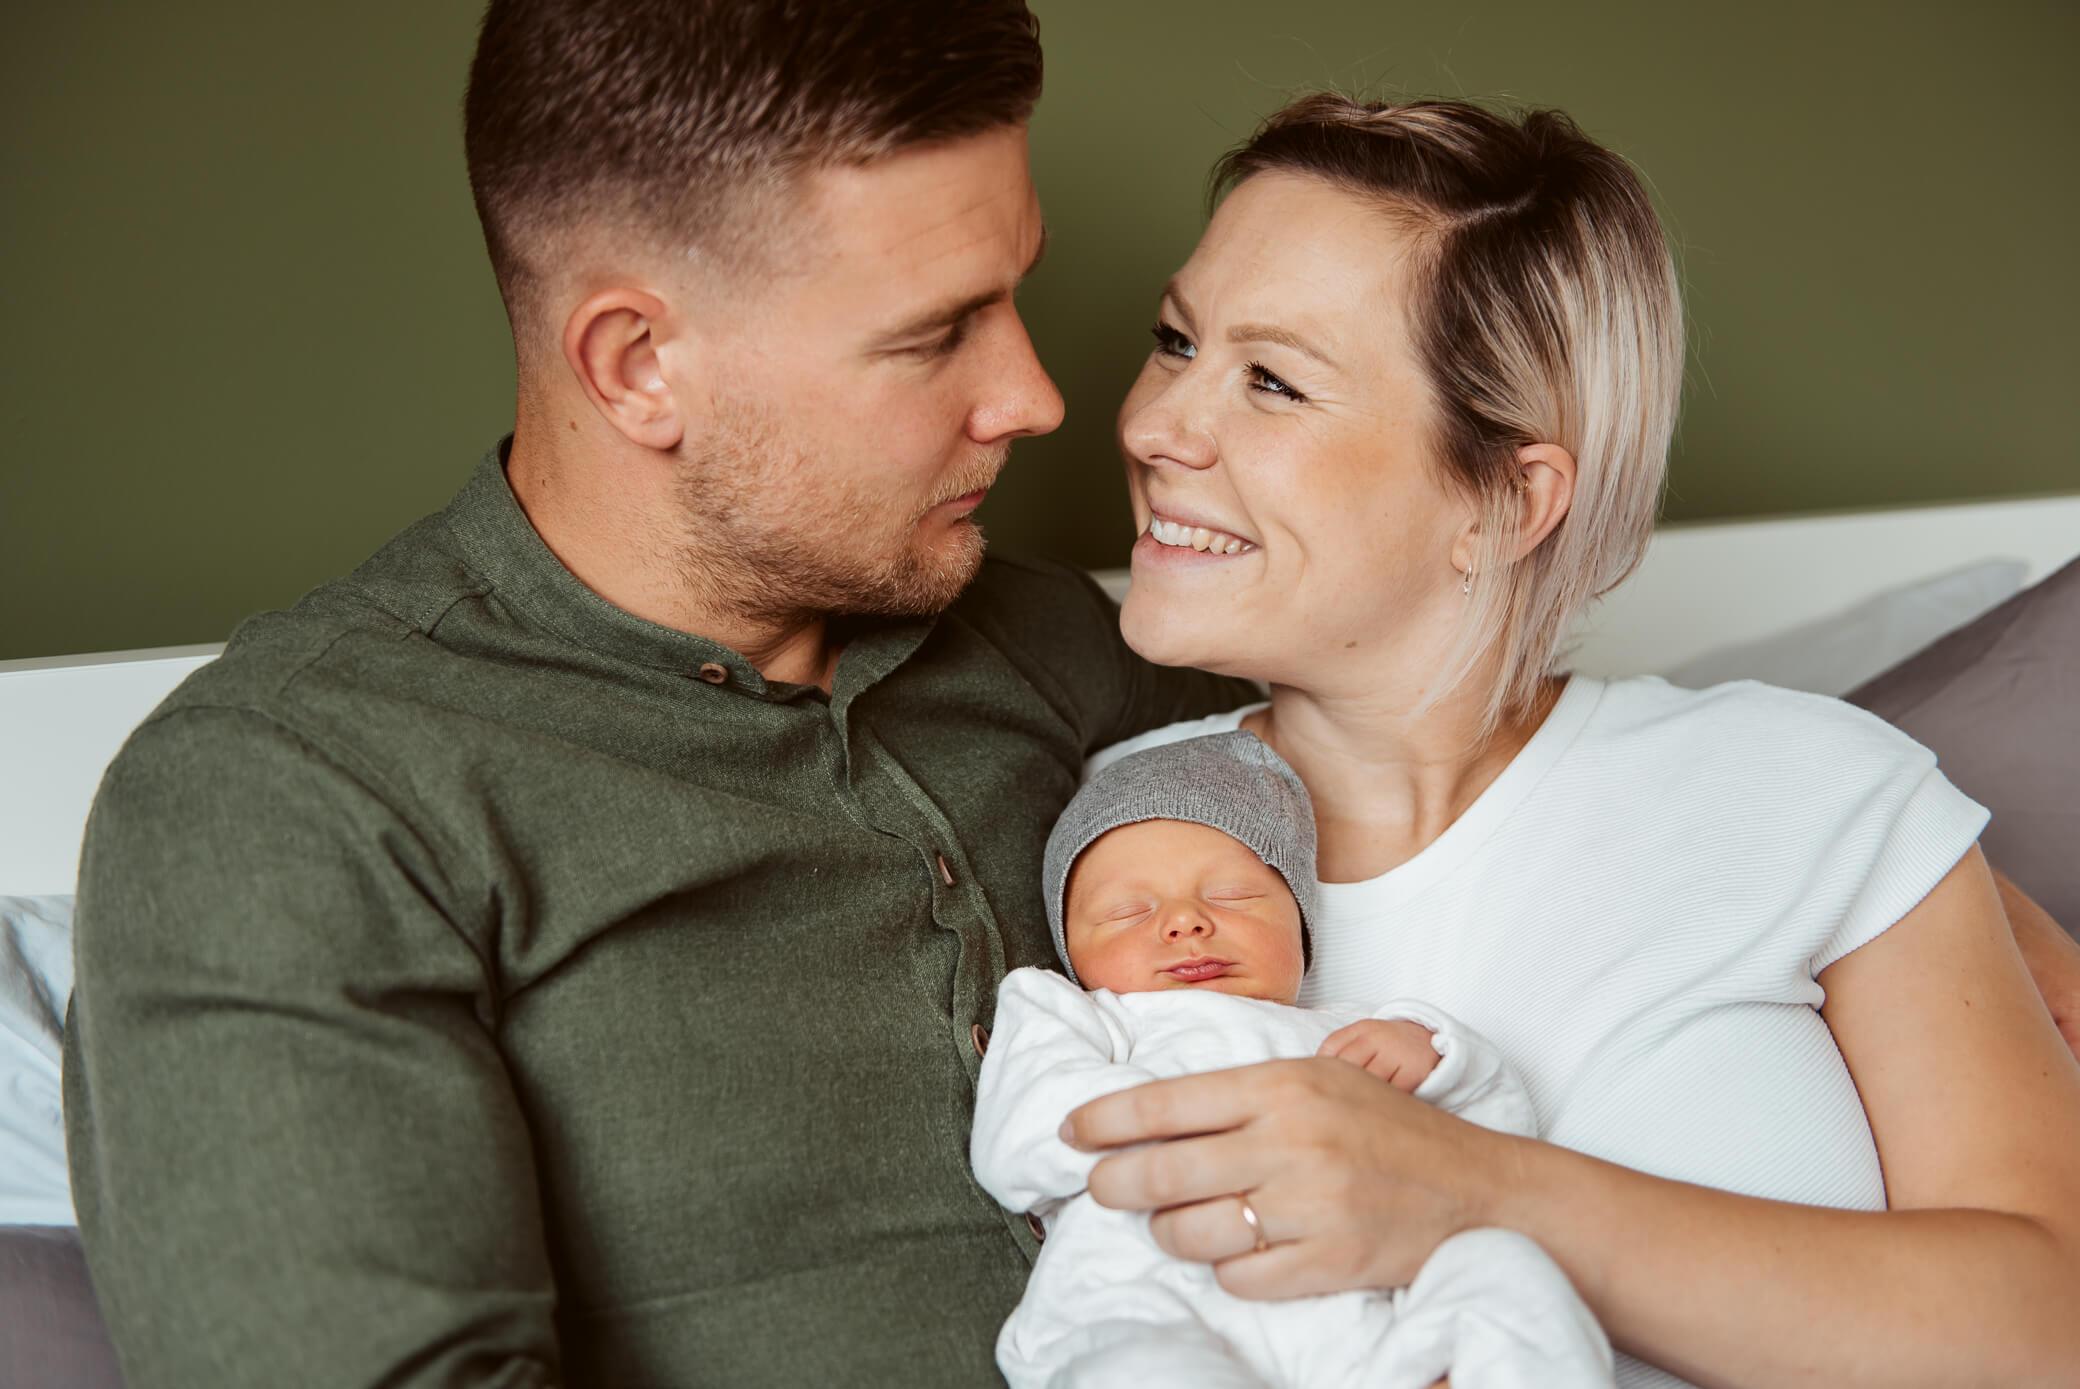 Liefdevolle blik ouders tijdens newbornshoot